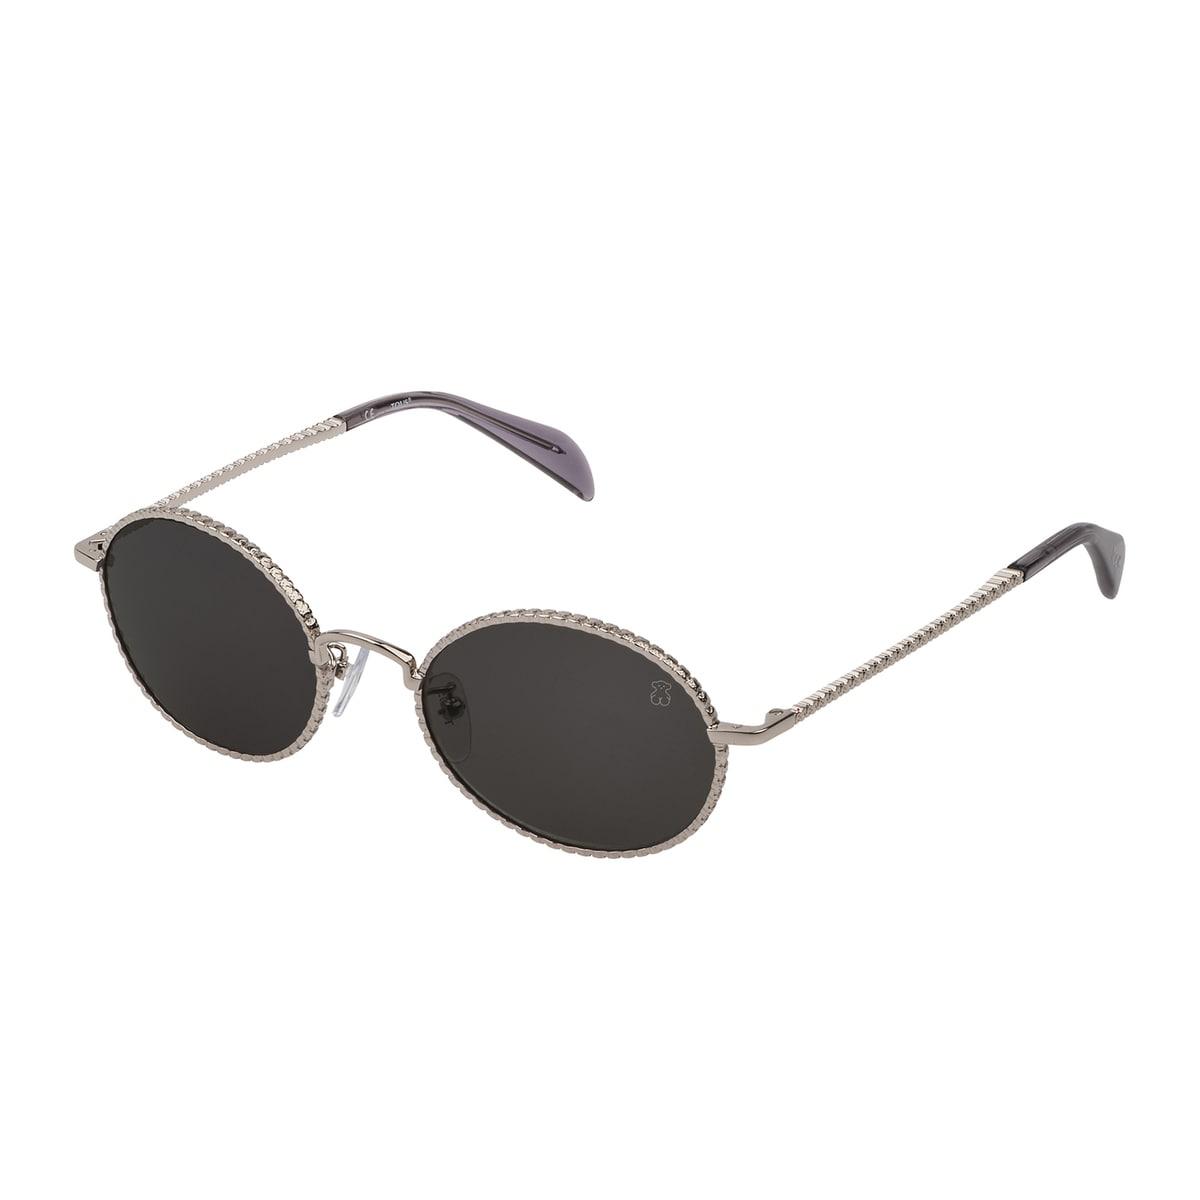 Gafas de sol Oso Straight de metal en color plata